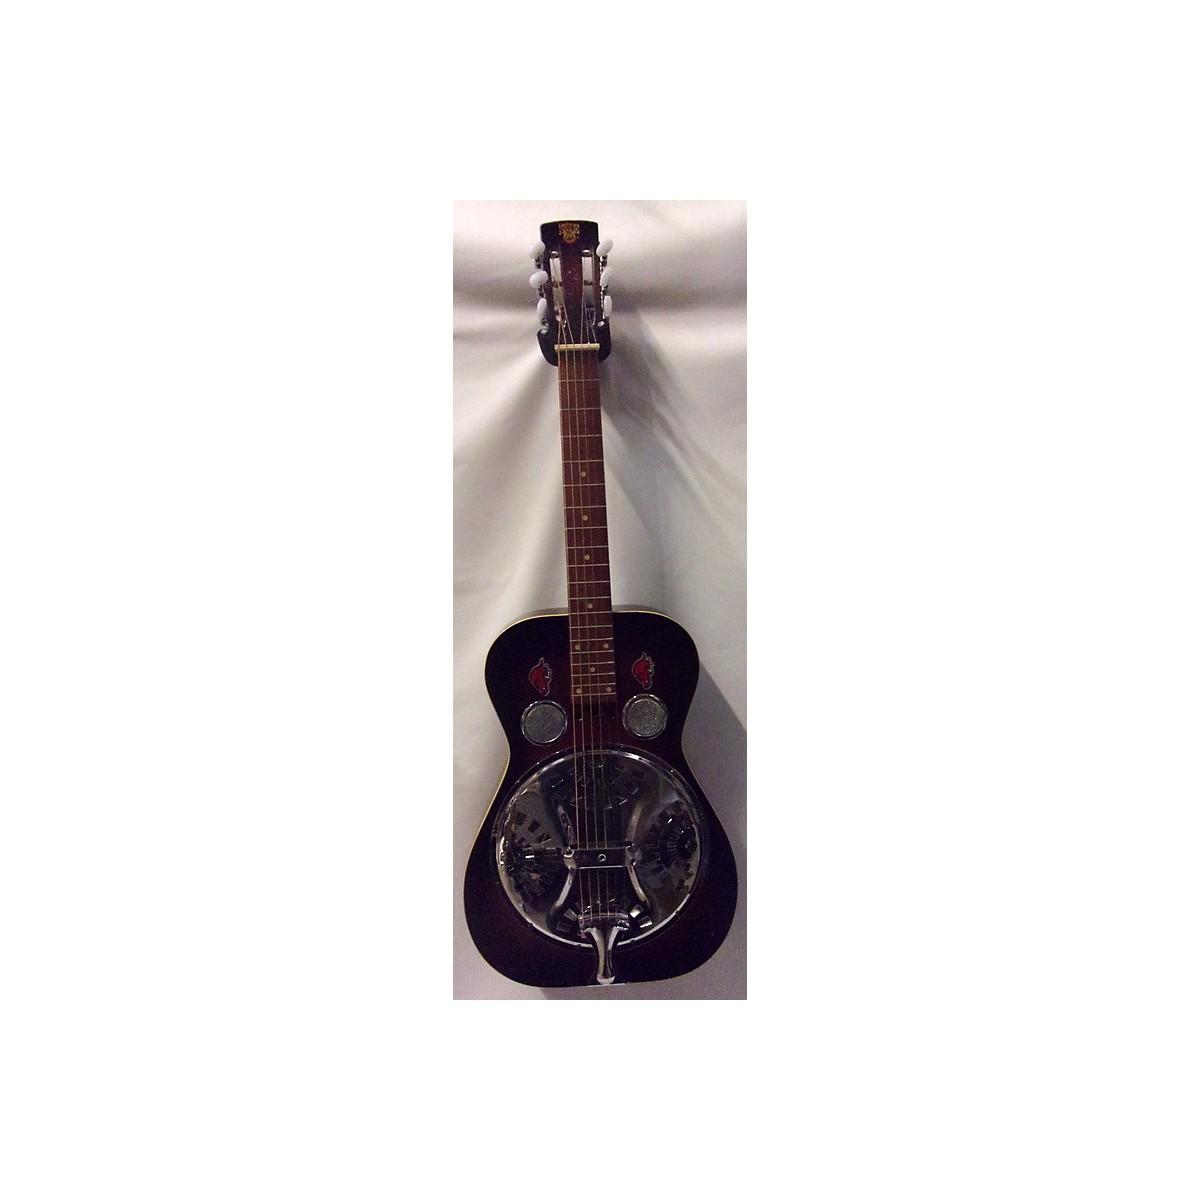 Dobro 1976 Dobro Resonator Guitar